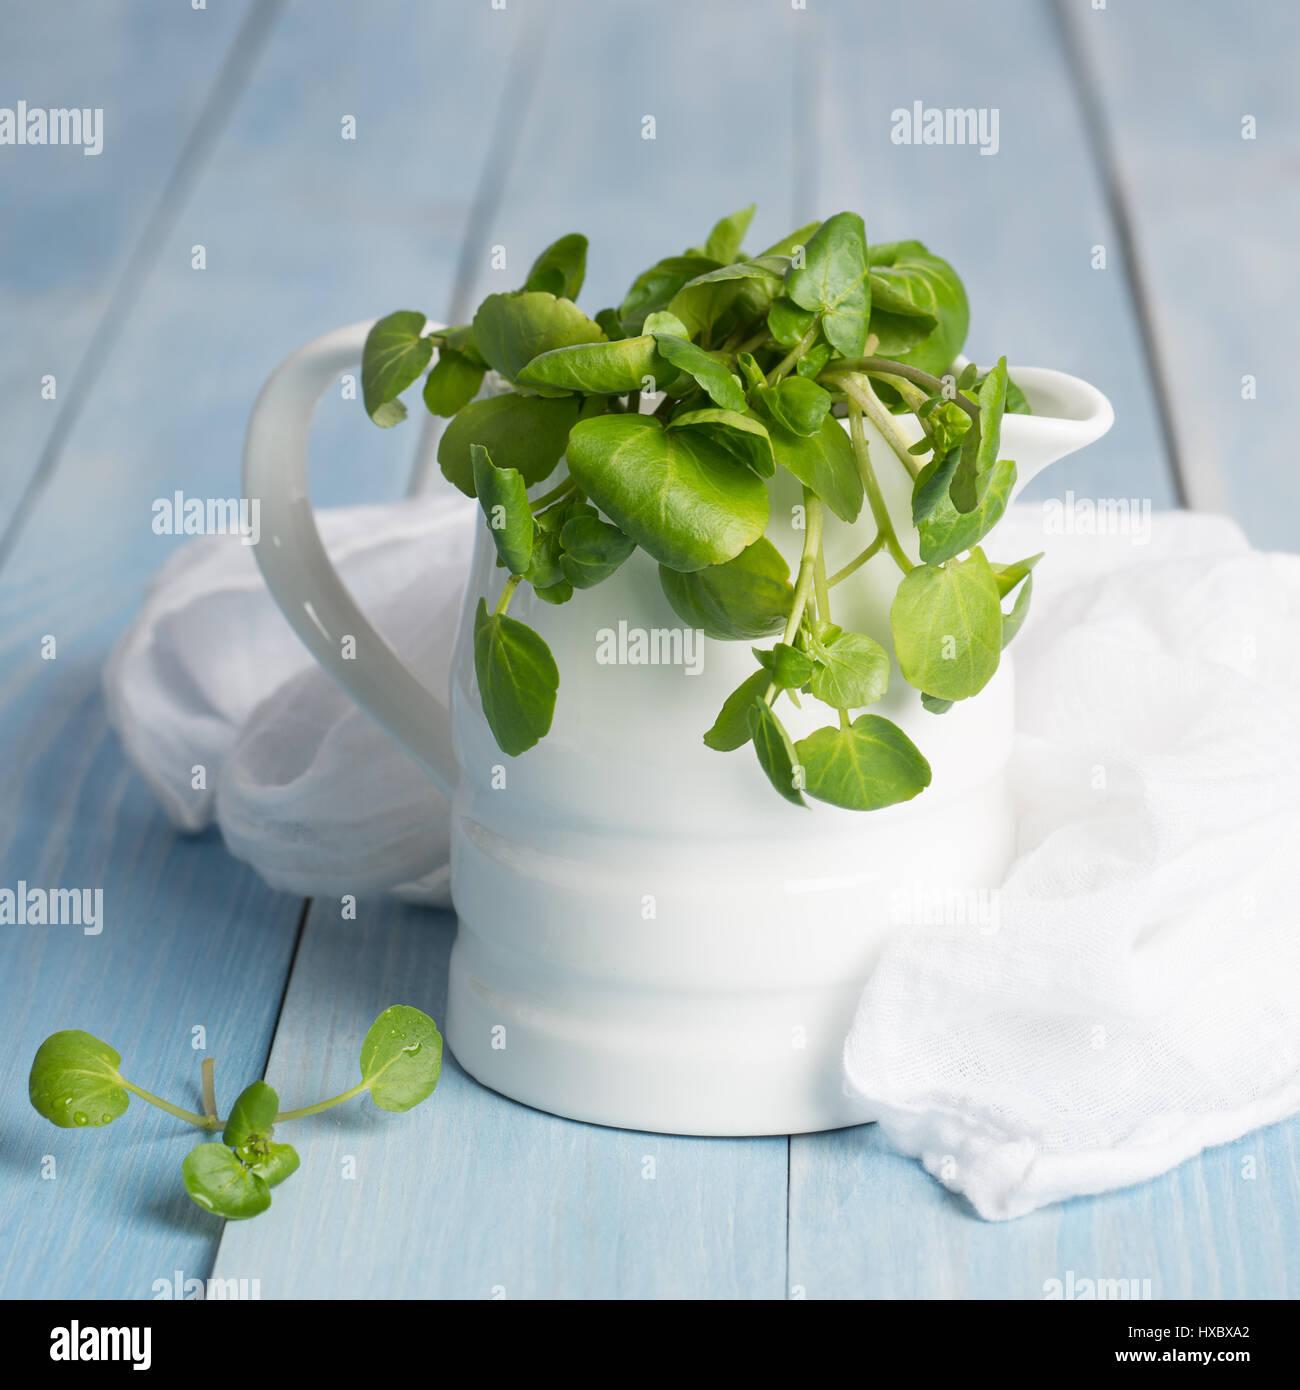 Crescione fresco in una brocca con il bianco MUSSOLA Tessuto Foto Stock